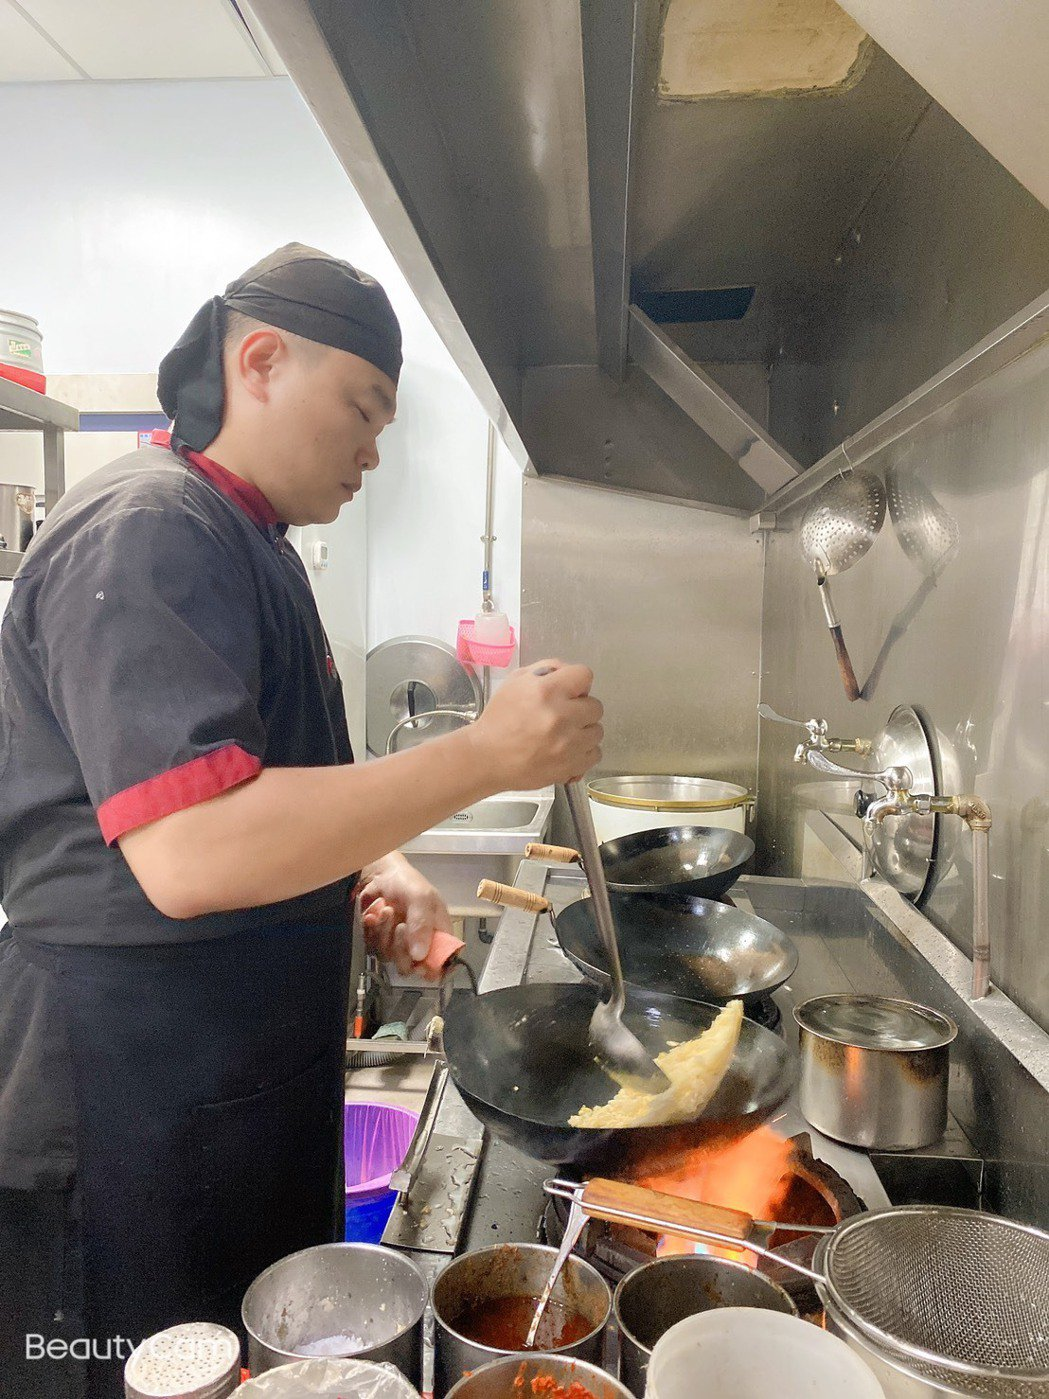 主廚陳柏森用職人的精神,精心的為消費者準備美味餐點。 楊鎮州/攝影